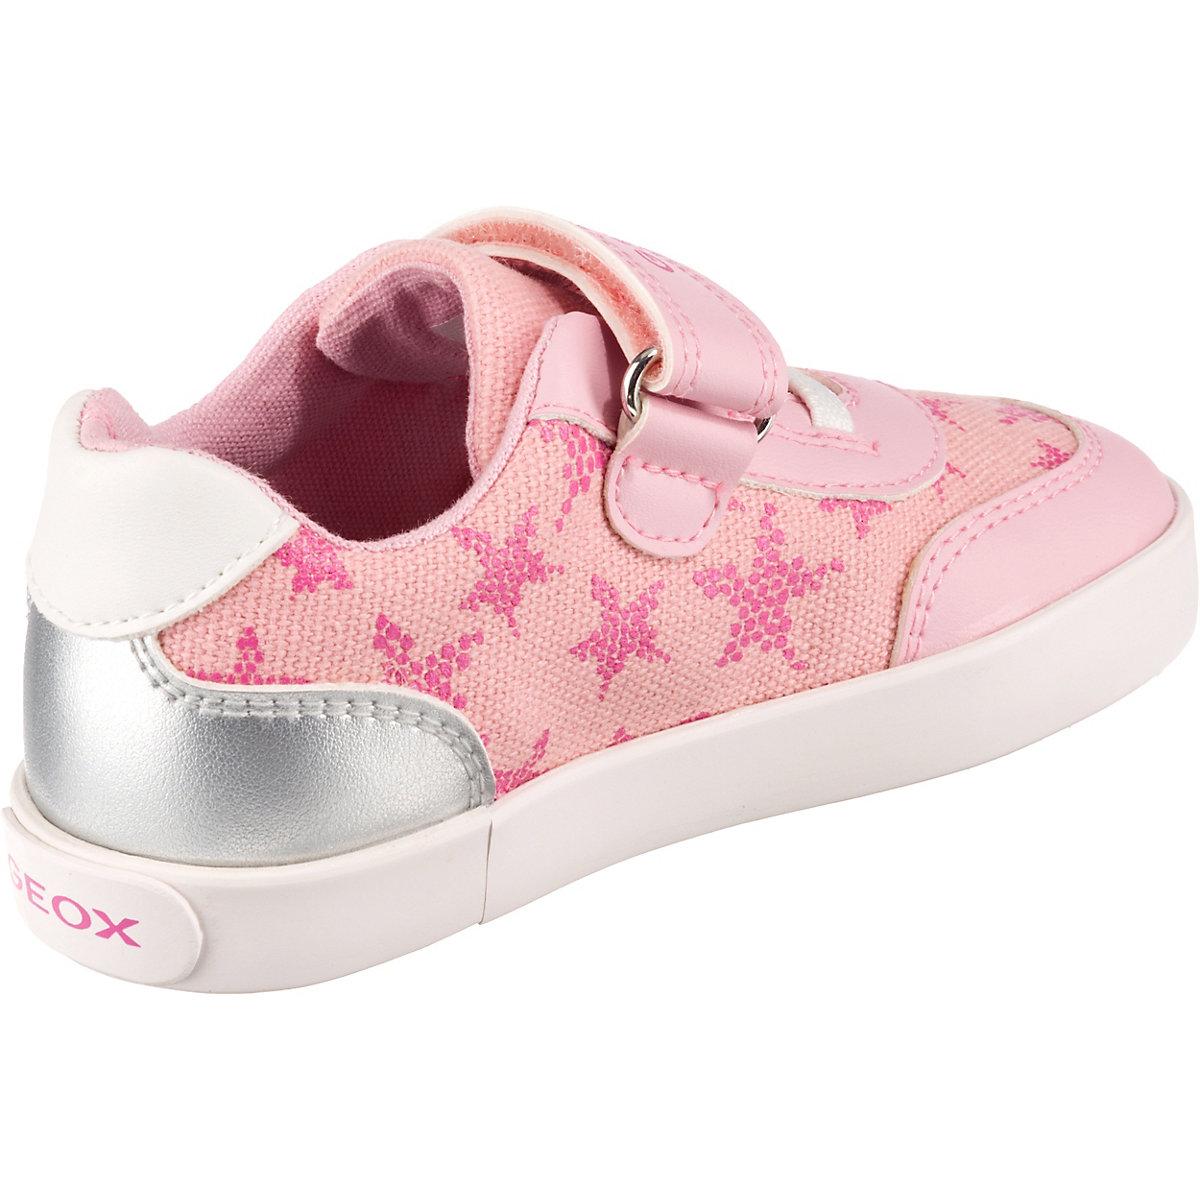 Geox, Baby Halbschuhe Gisli Für Mädchen, Pink